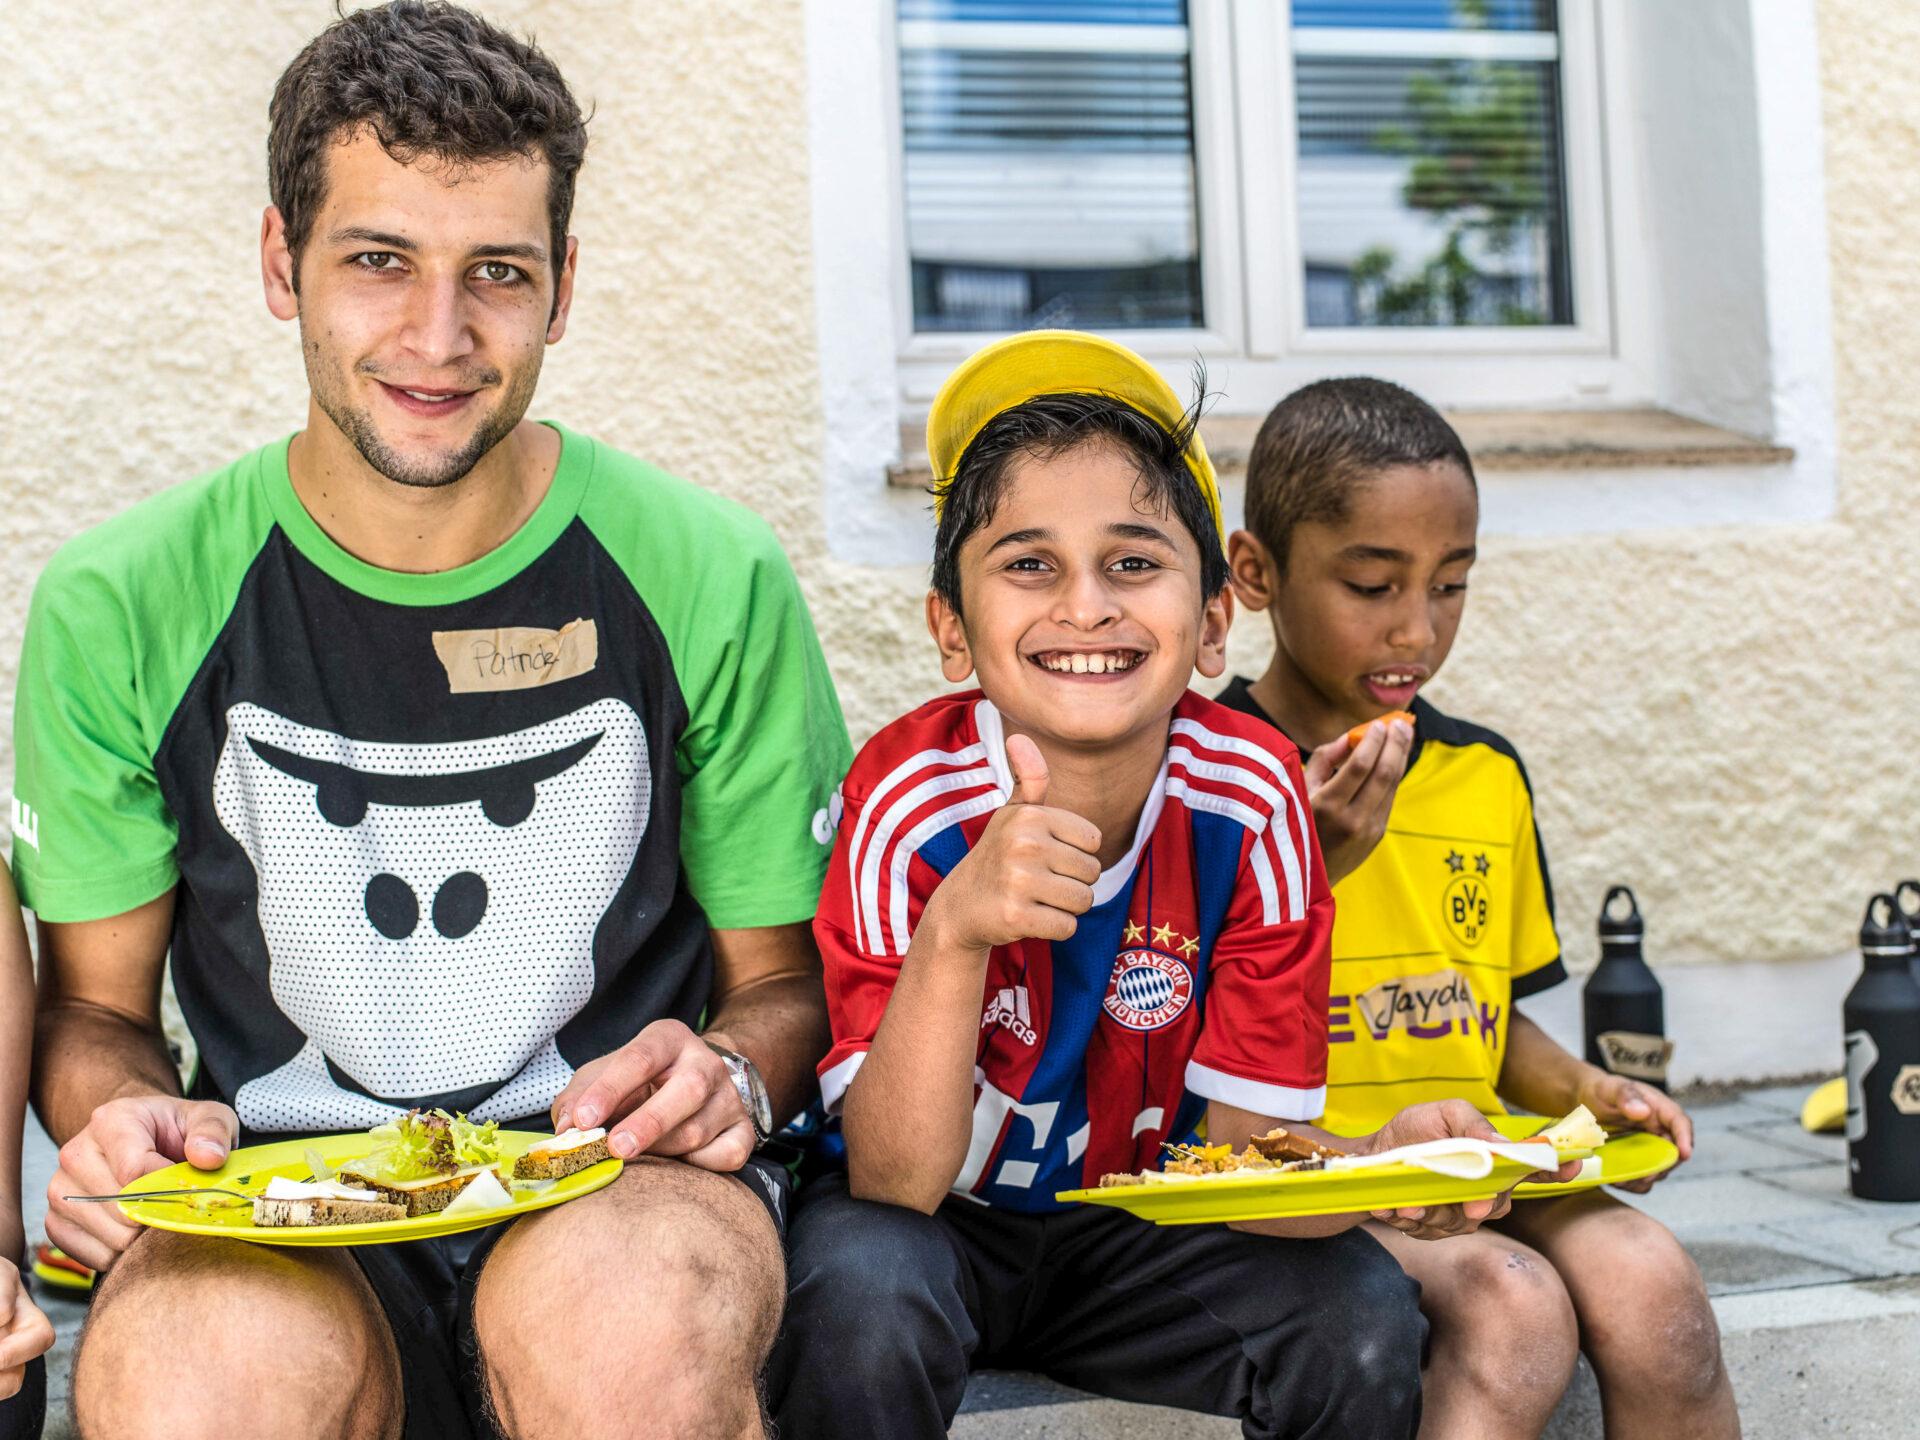 Ein GORILLA Botschafter und ein Kind essen voller Freude ihr Mittagessen im Rahmen eines GORILLA Workshops. Der Junge macht den Daumen hoch als Zeichen seiner Freude.